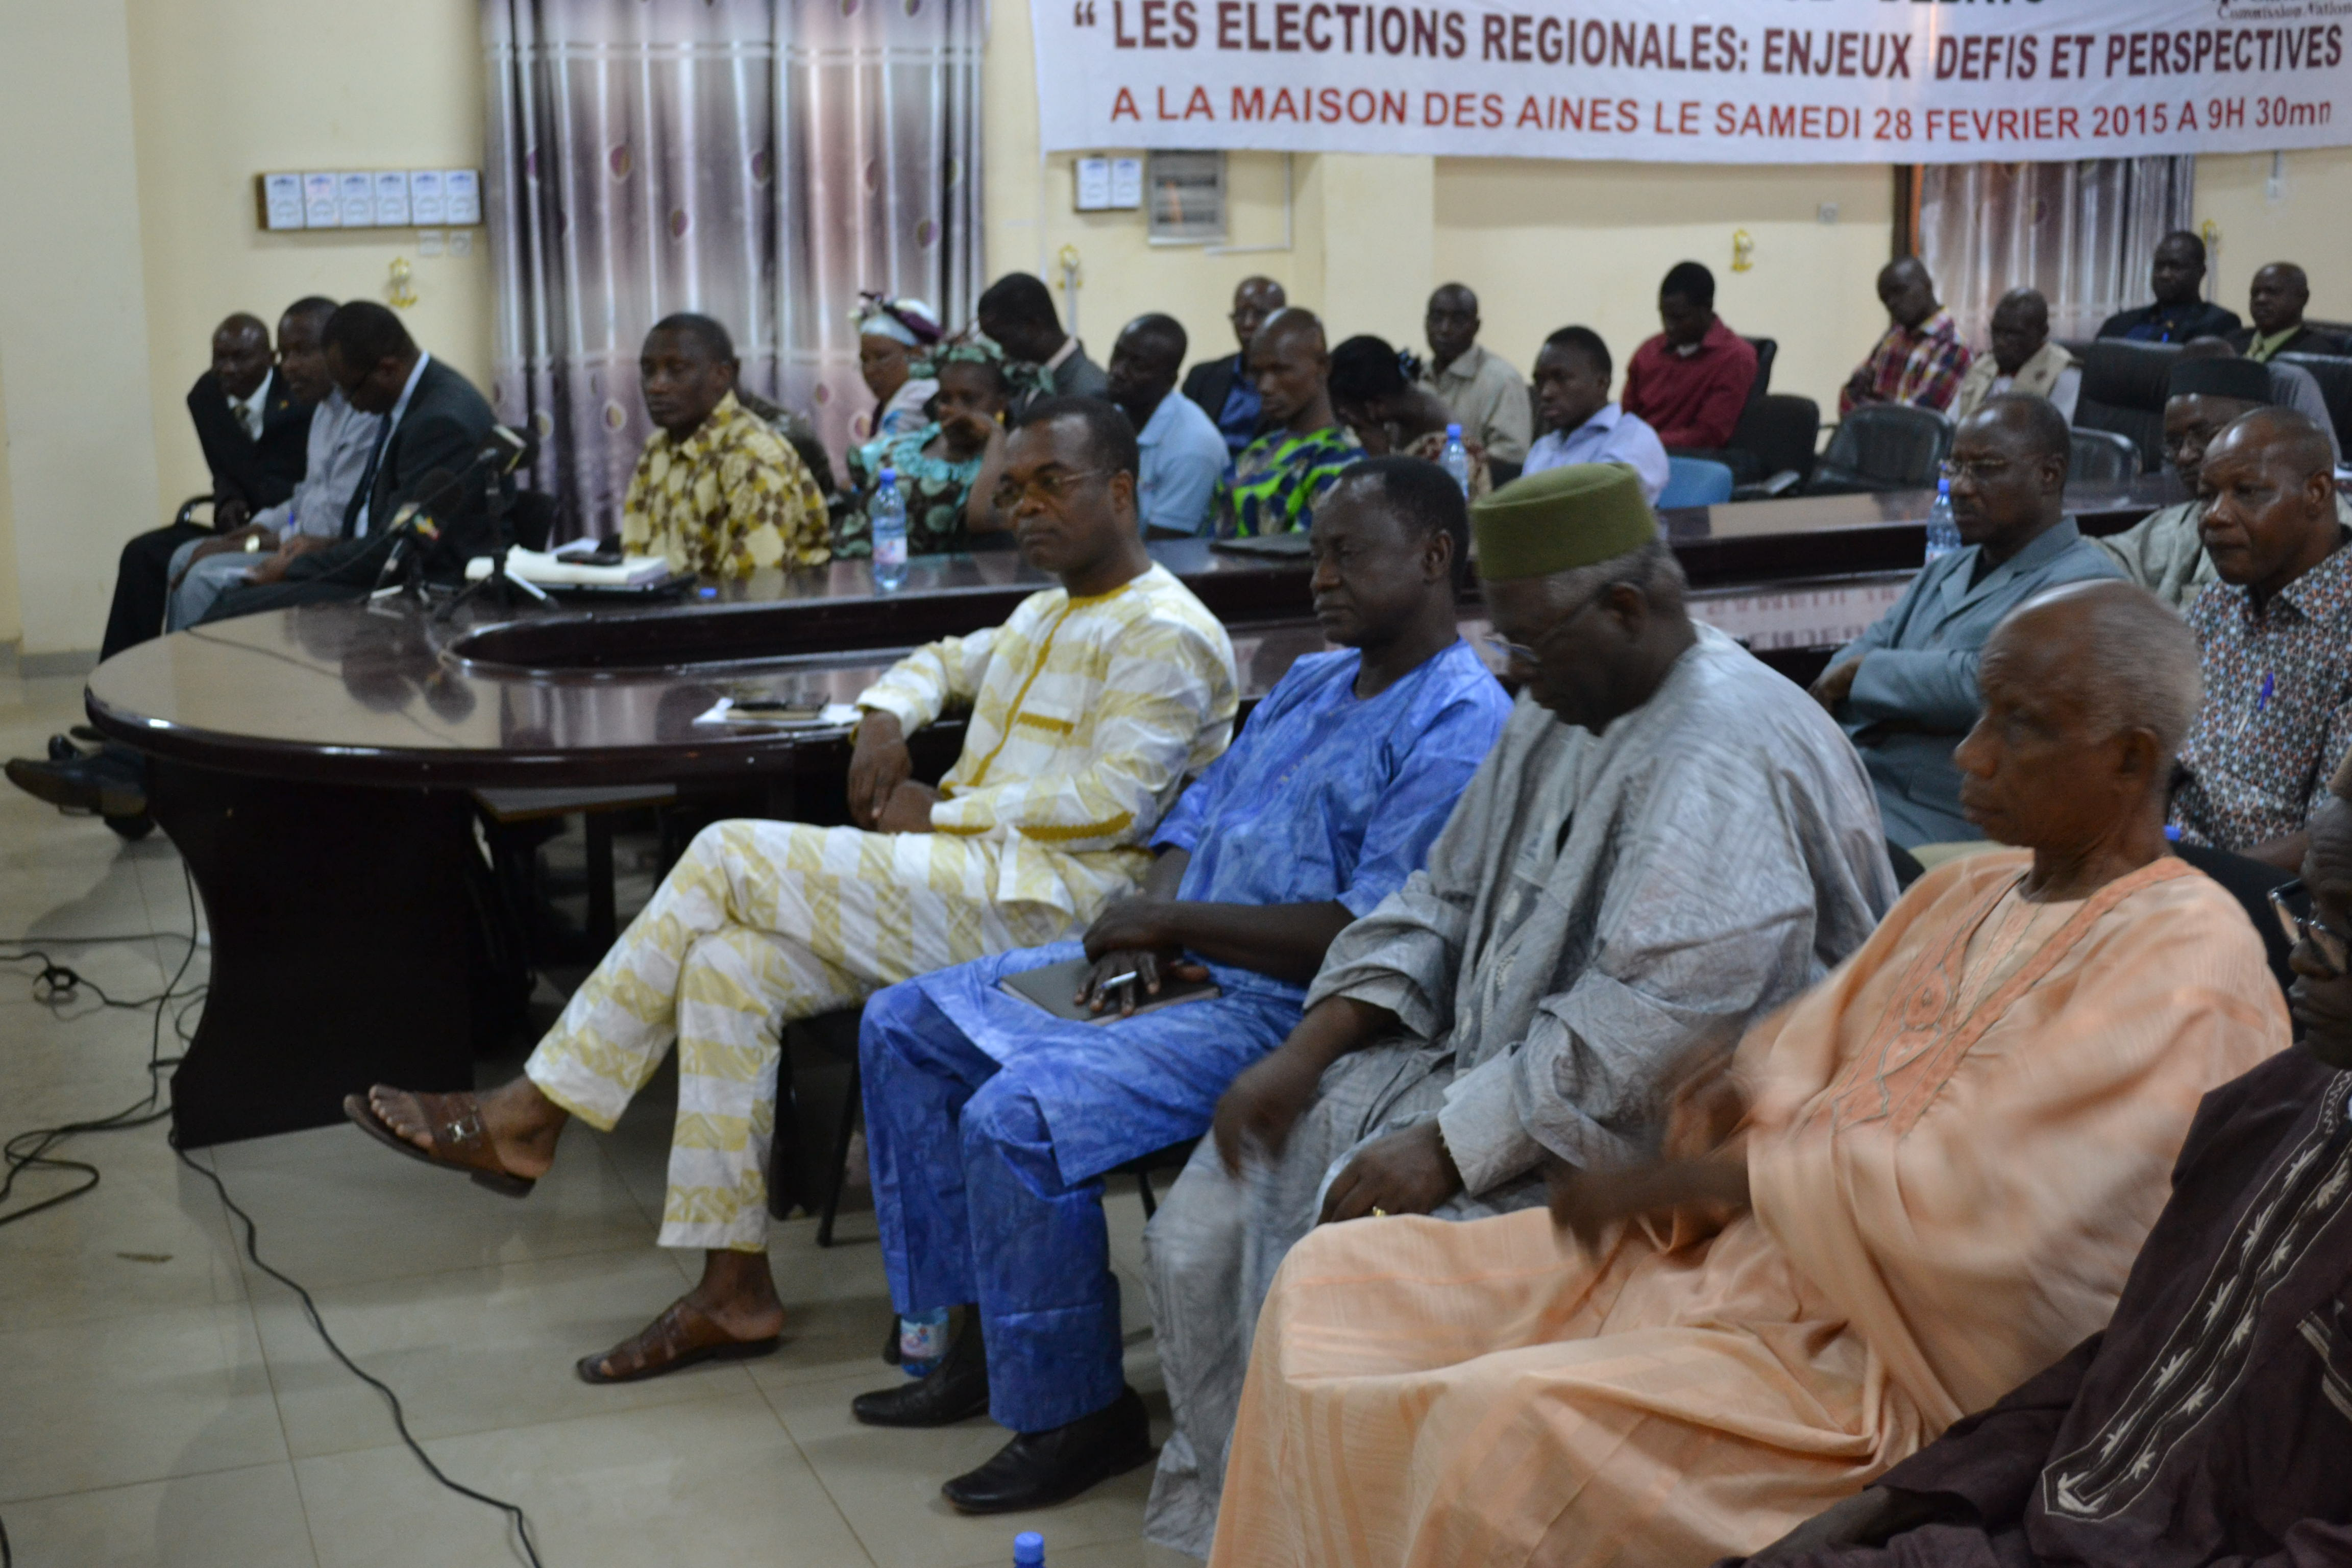 Conference Débats Caritas Mali sur les élections